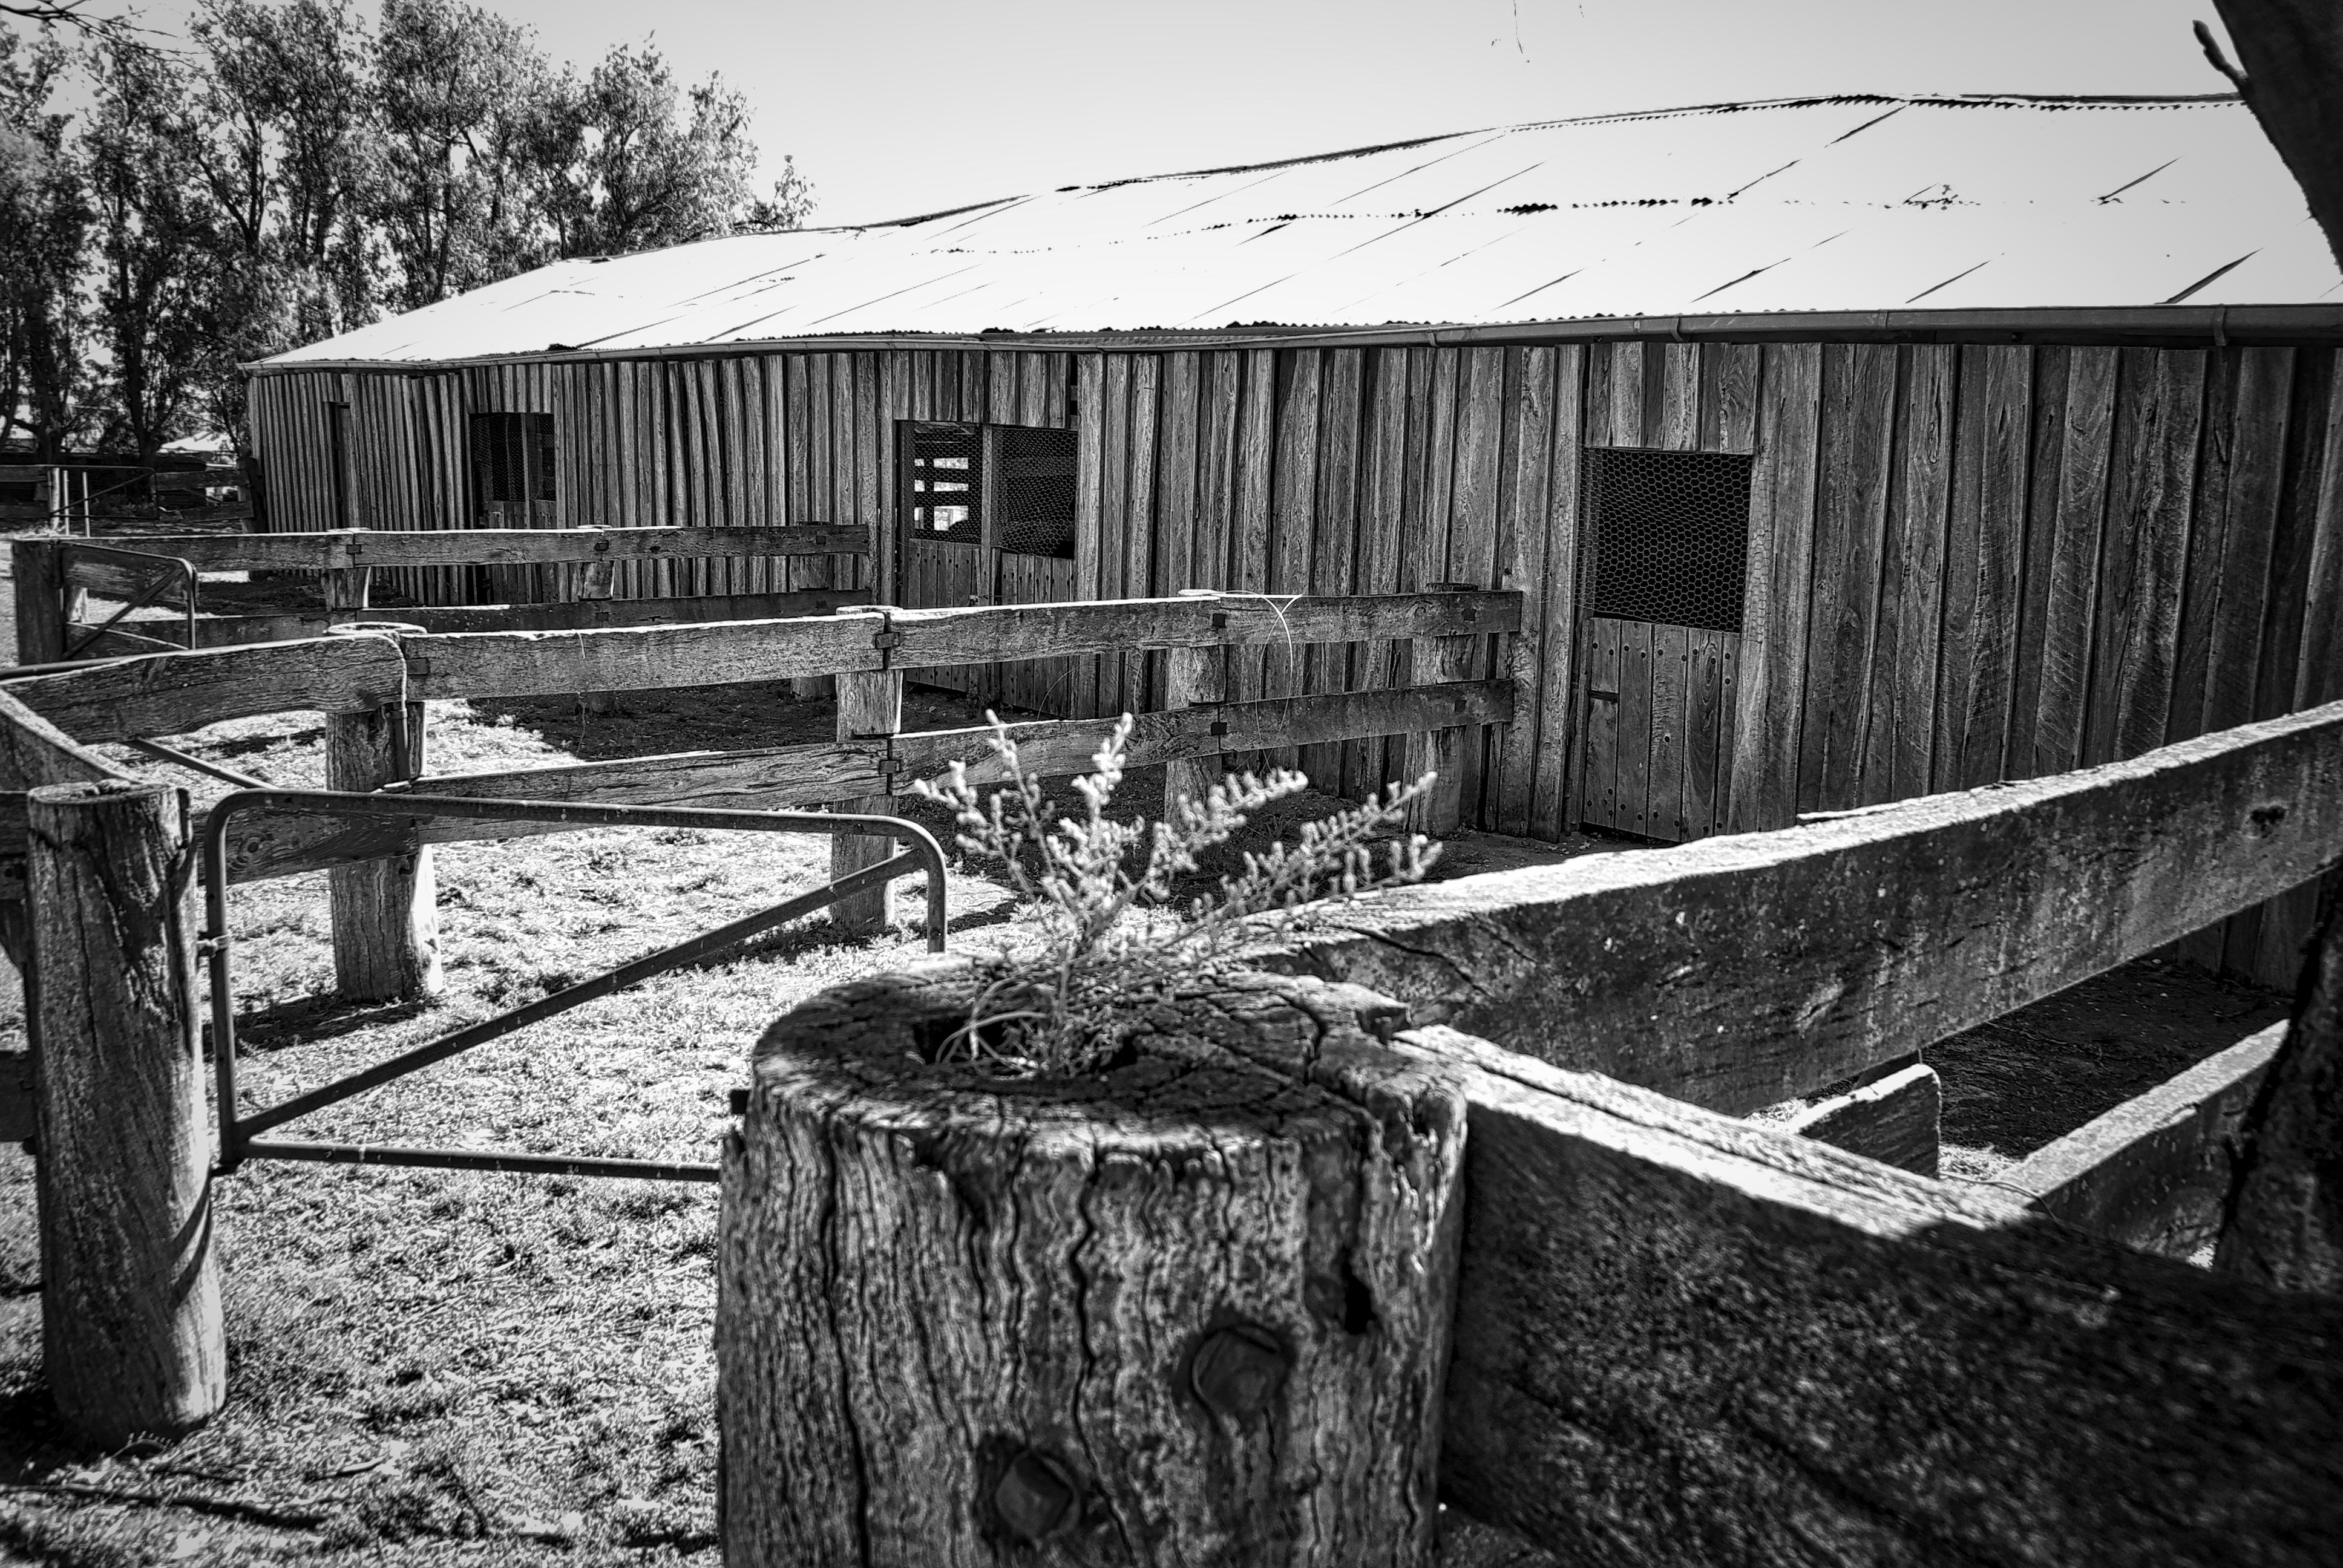 Images gratuites noir et blanc ferme cru maison bâtiment vieux grange cabanon rustique cabane transport rural agriculture historique